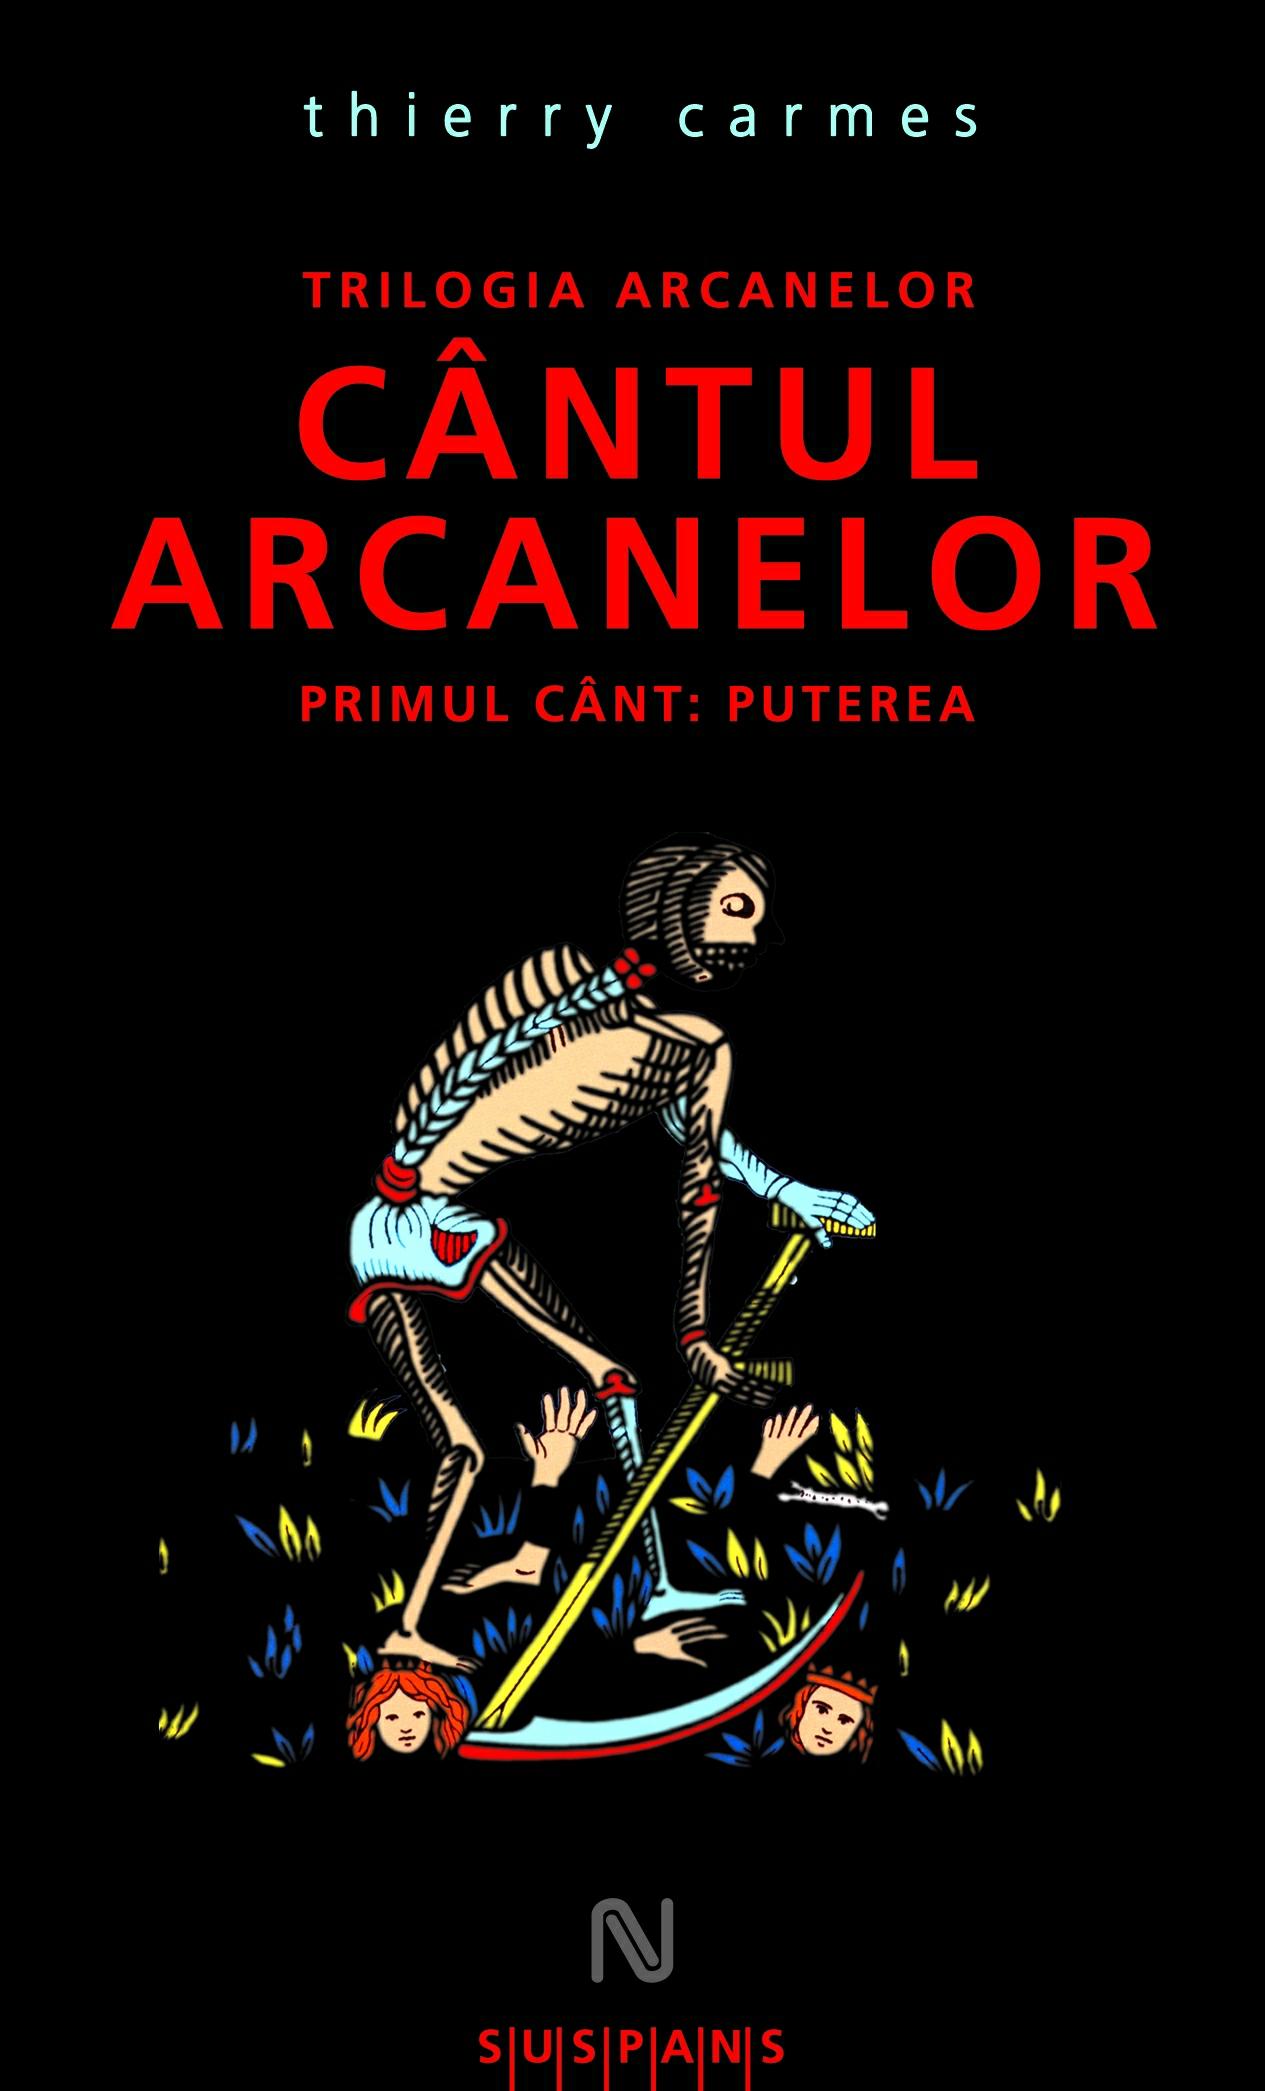 """Noutăţi Gaudeamus (5): Thierry Carmes – """"Cântul arcanelor"""""""